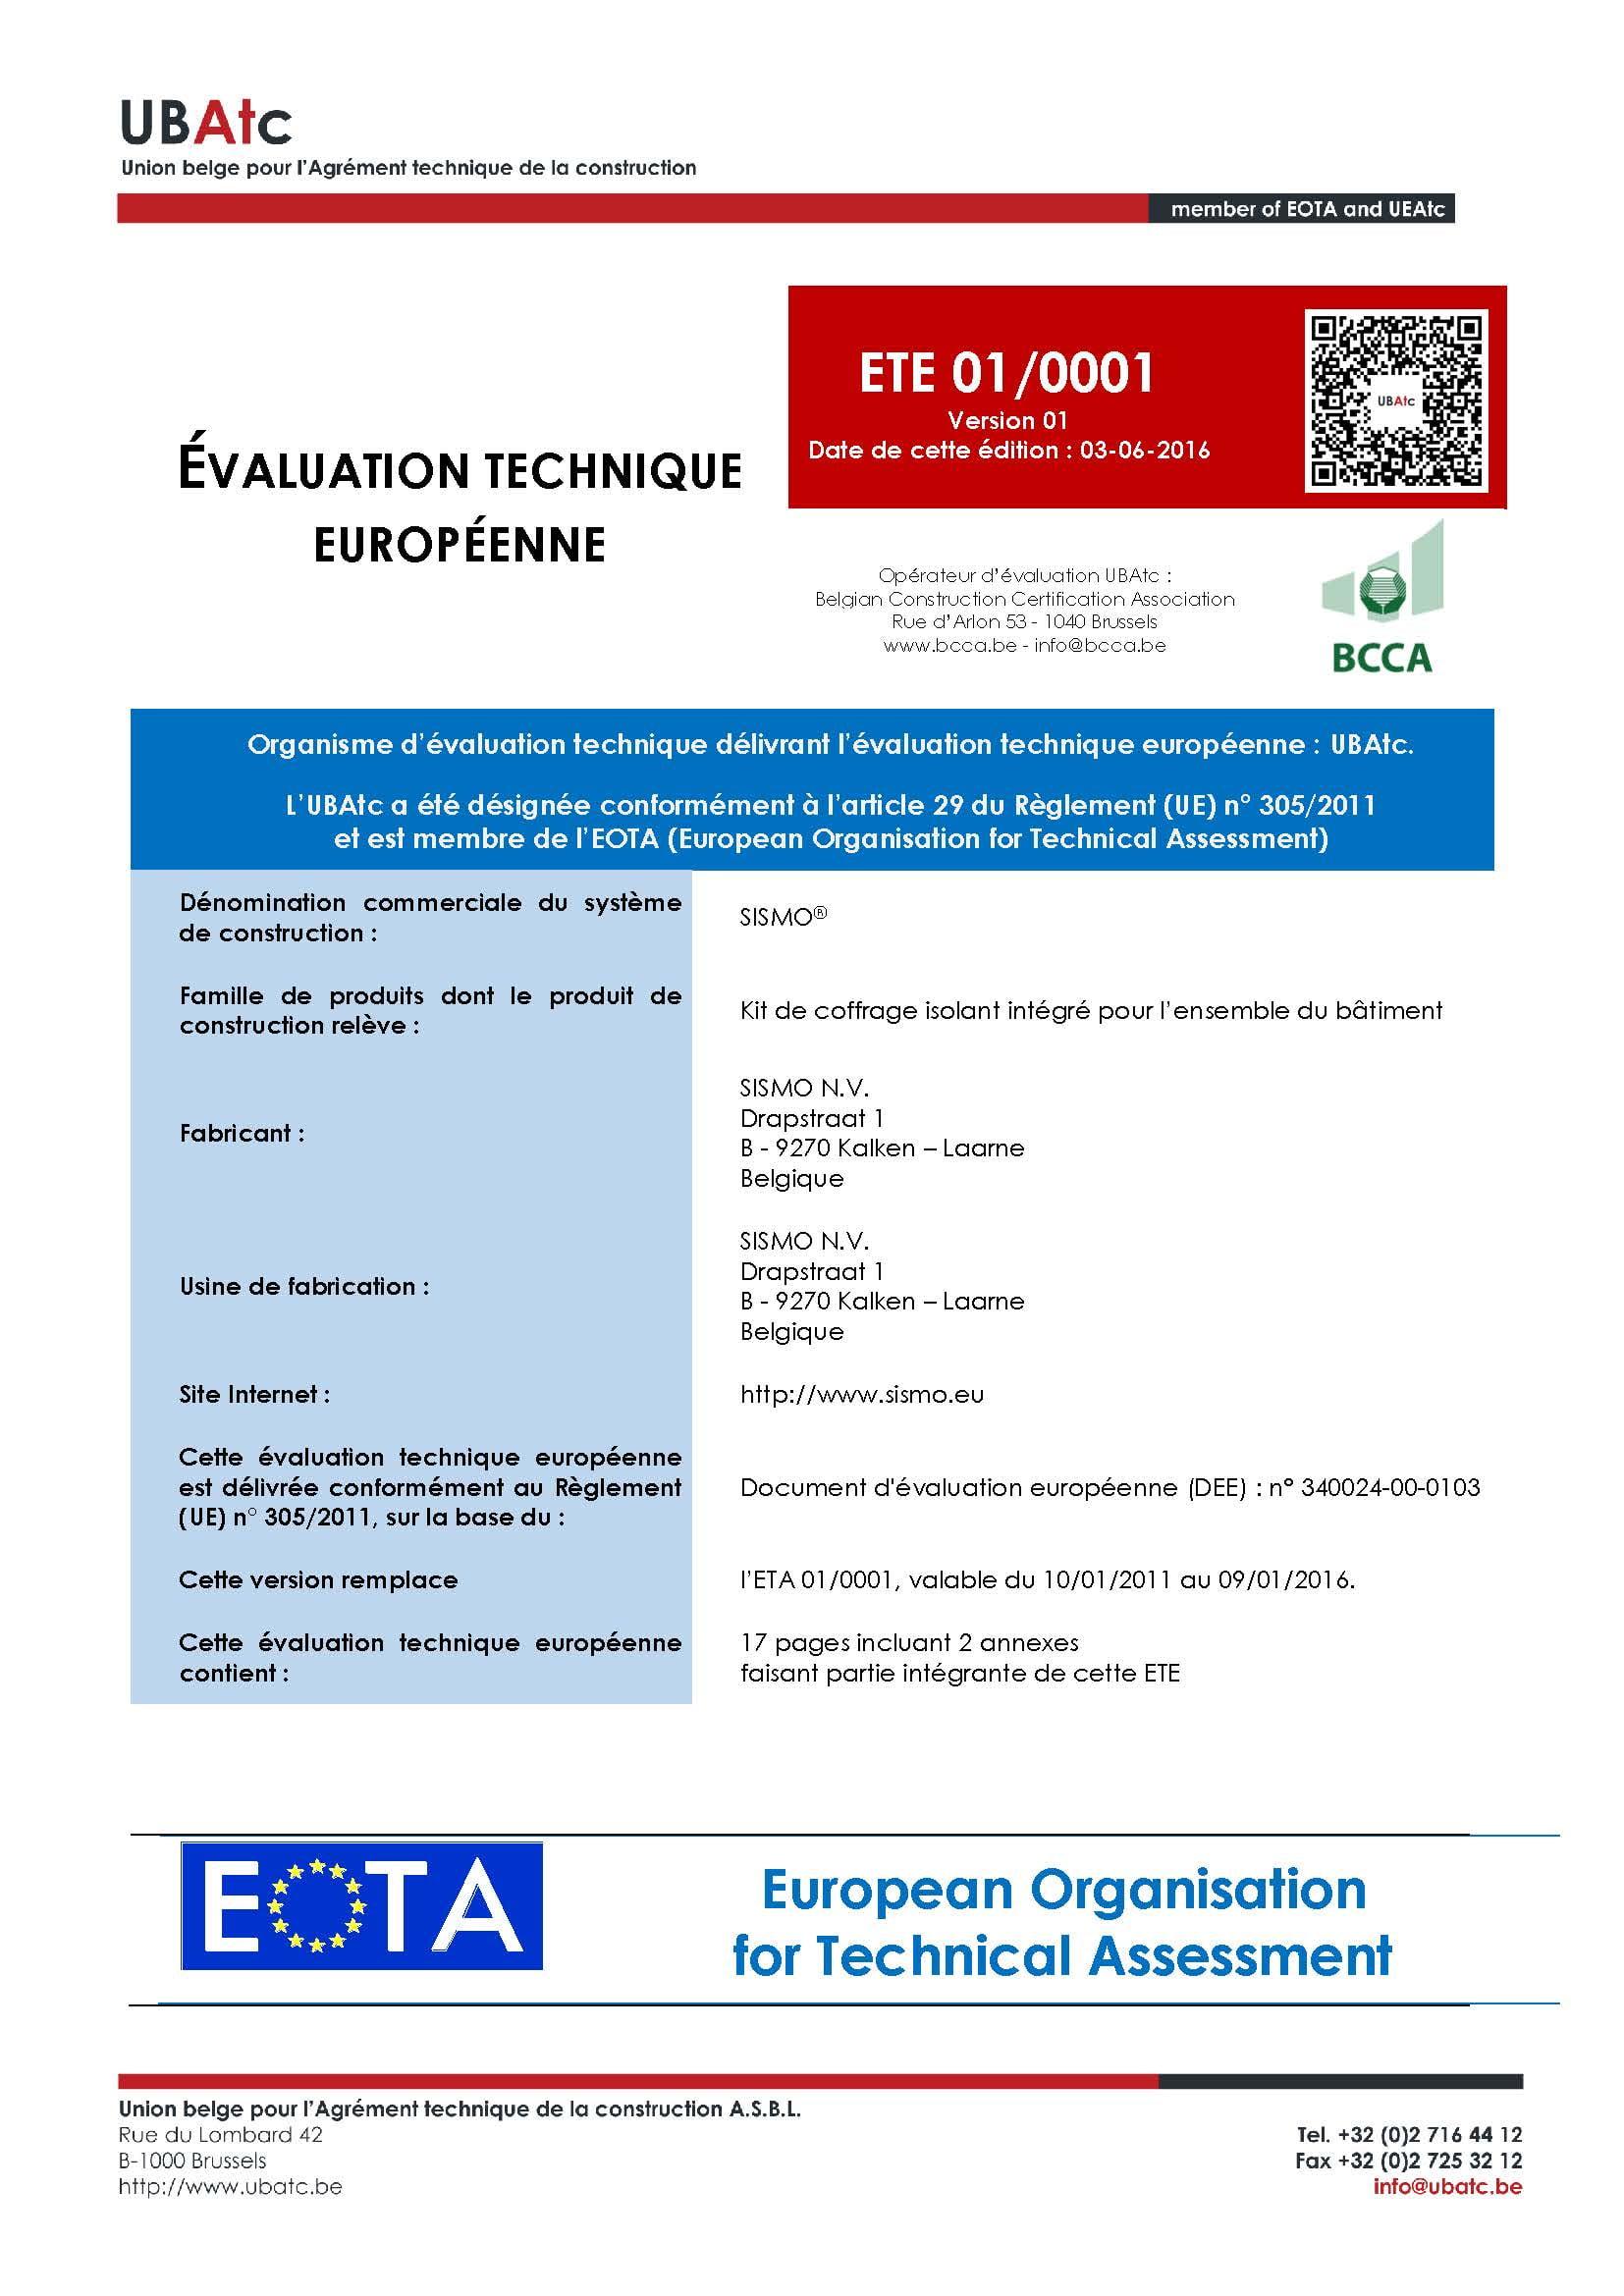 Evaluation Technique Européenne